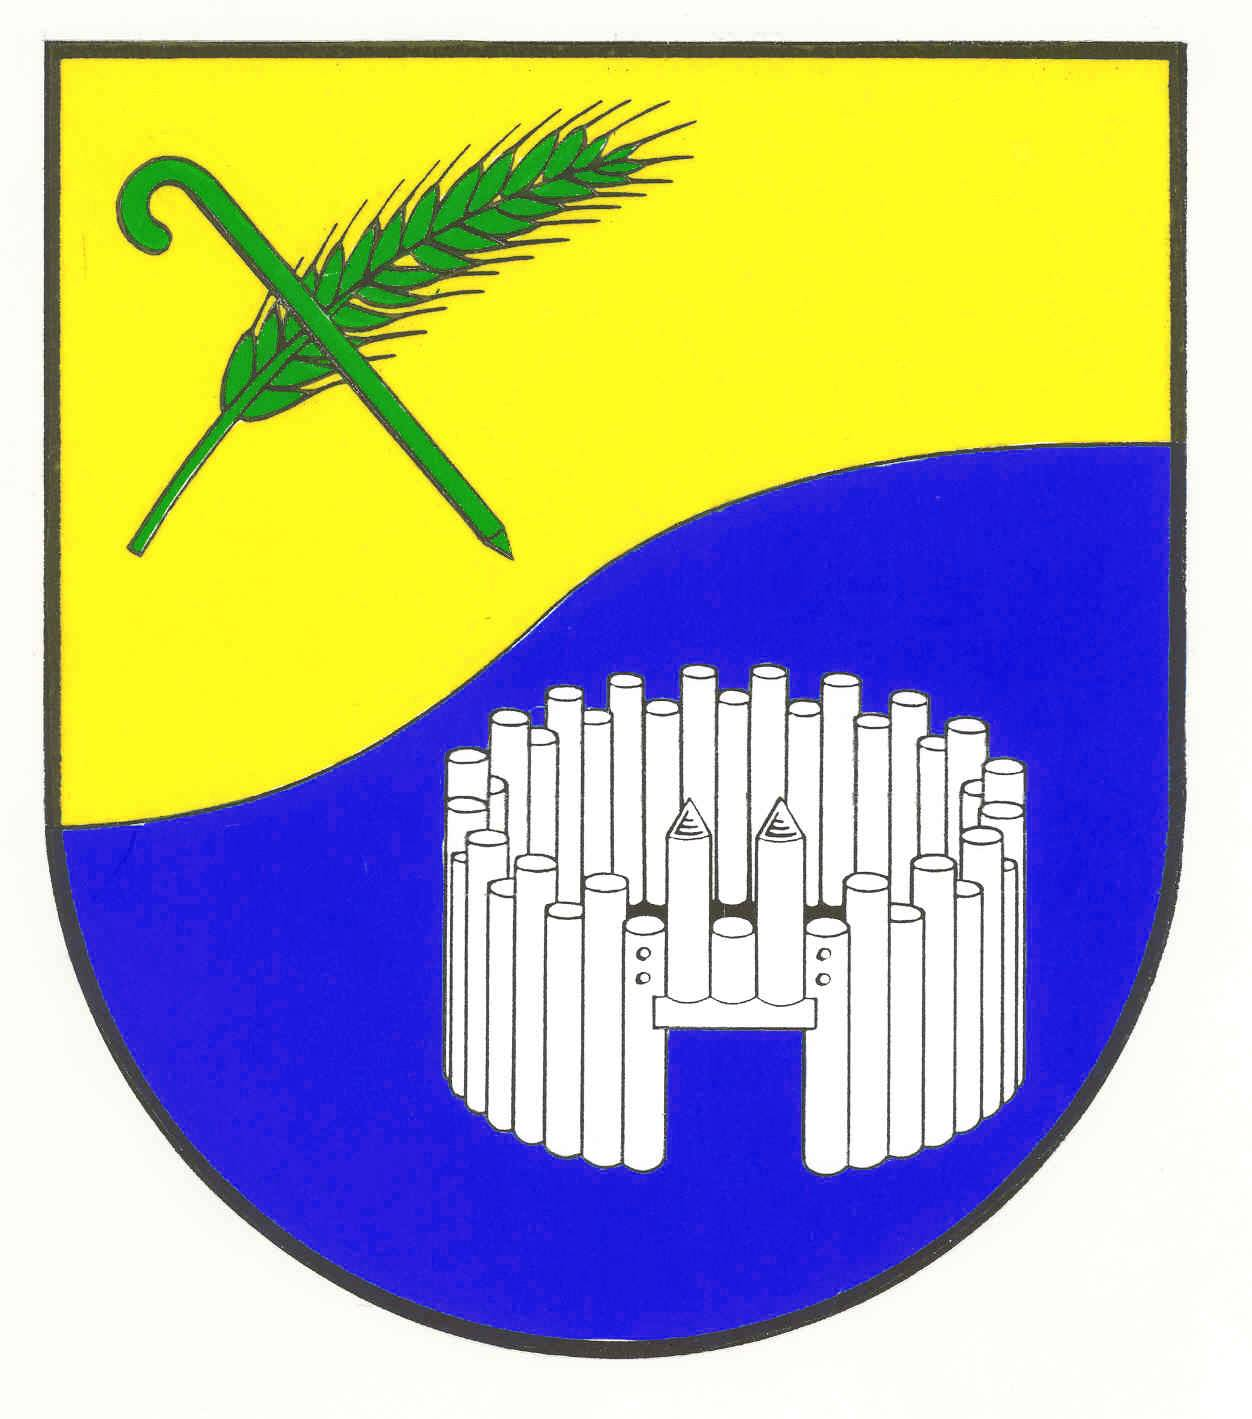 Wappen GemeindeKuden, Kreis Dithmarschen